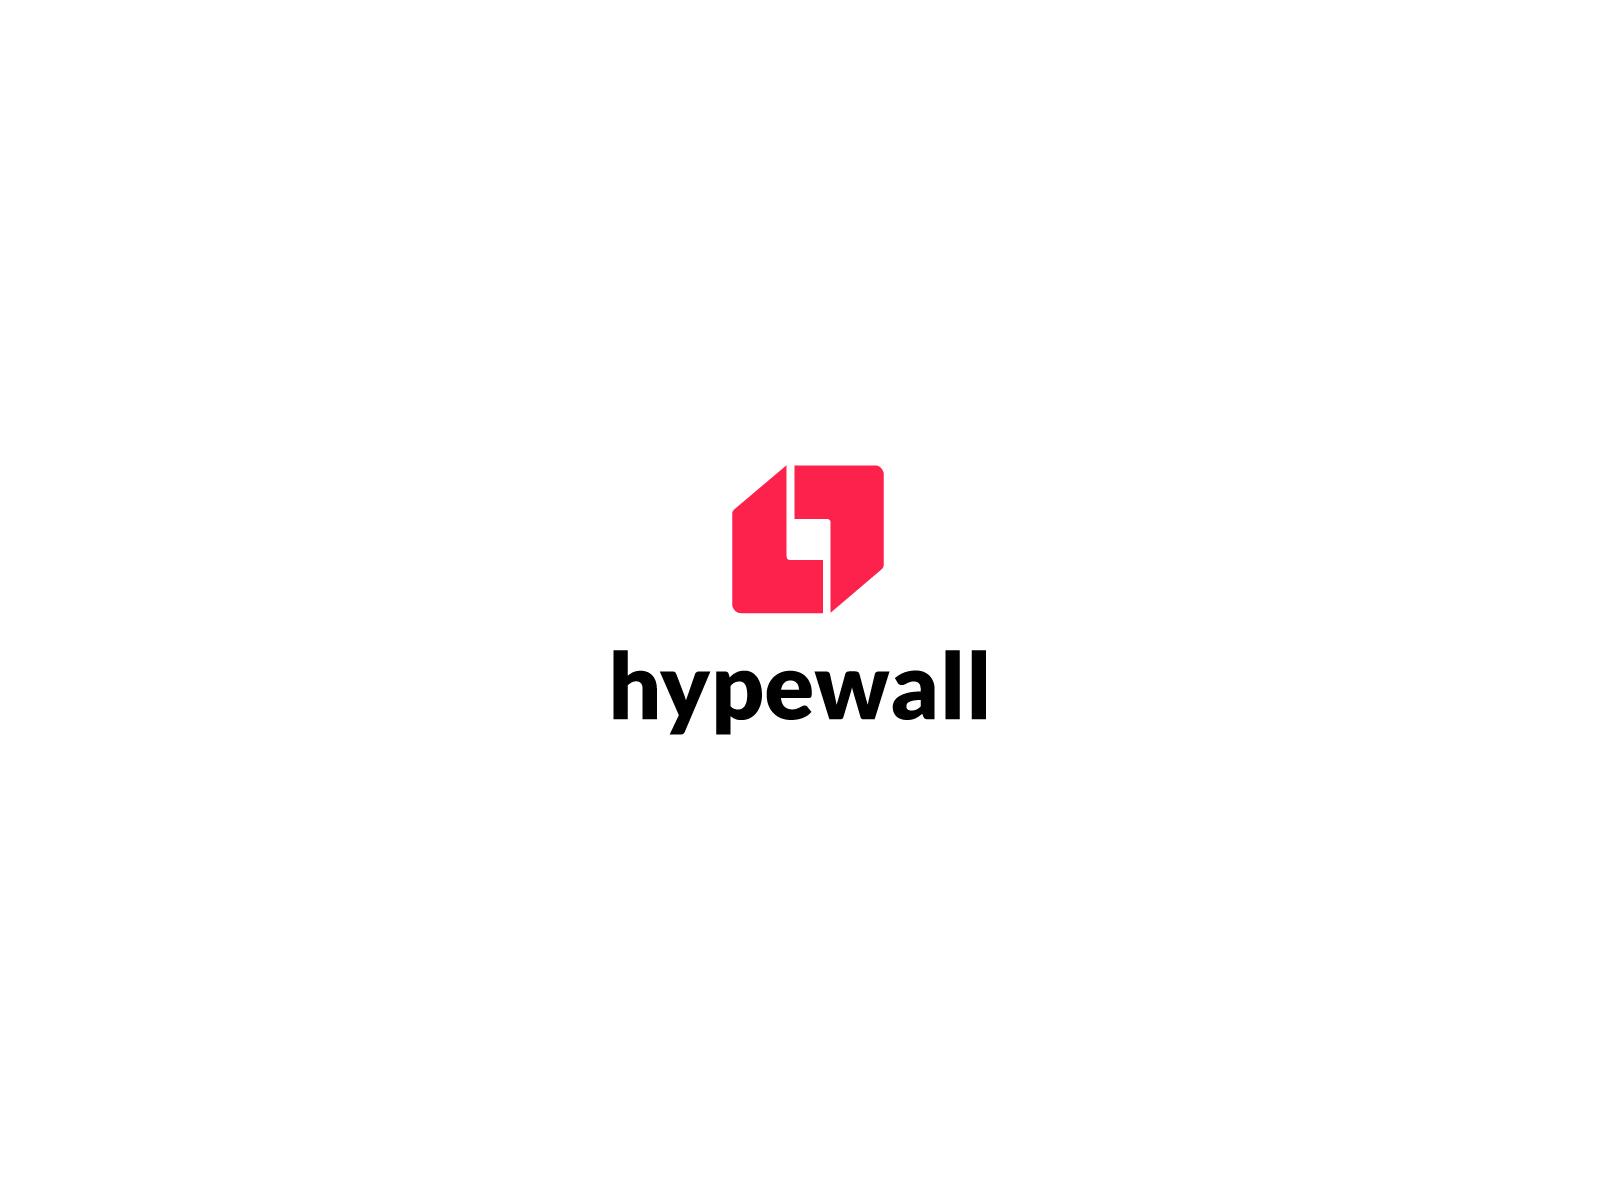 hypewall-35.jpg